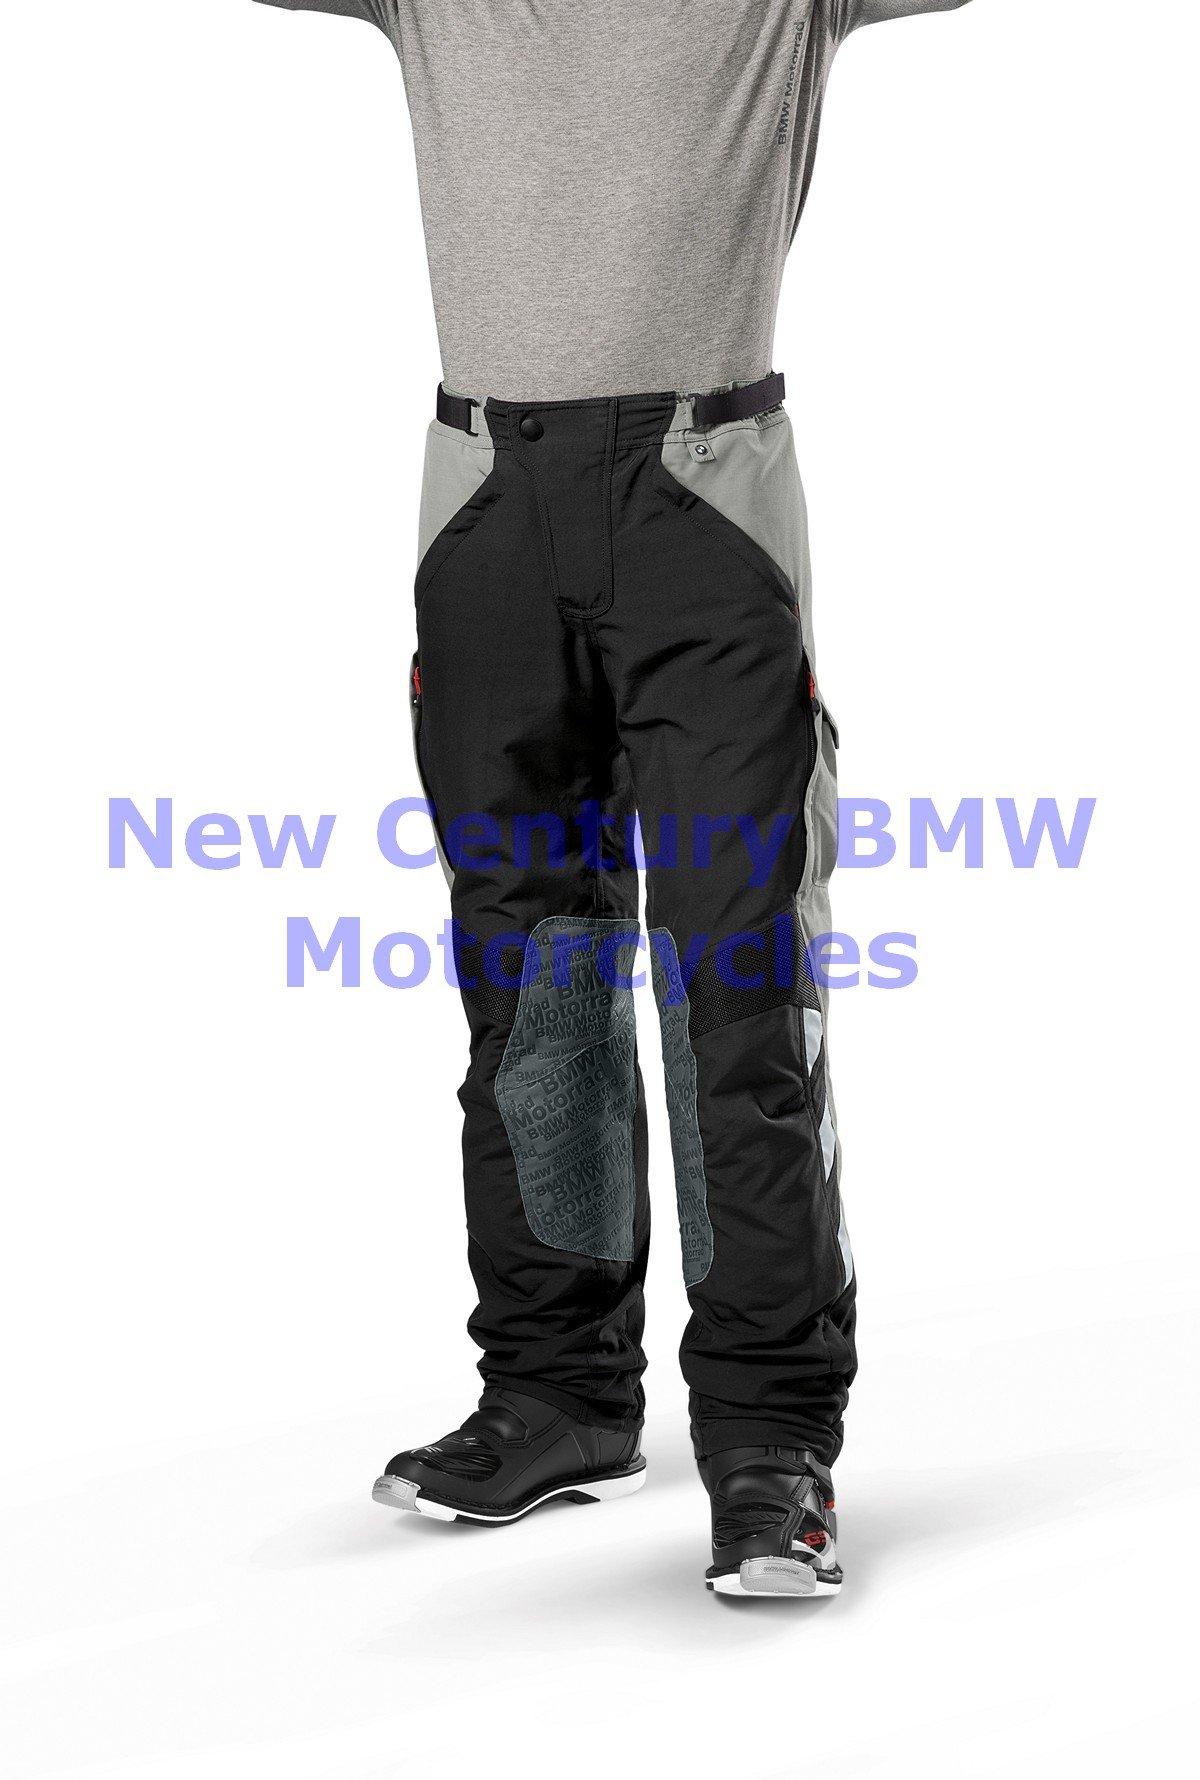 BMW Genuine Motorcycle Men Rallye Riding Pants Black/Red US 42 Euro 52